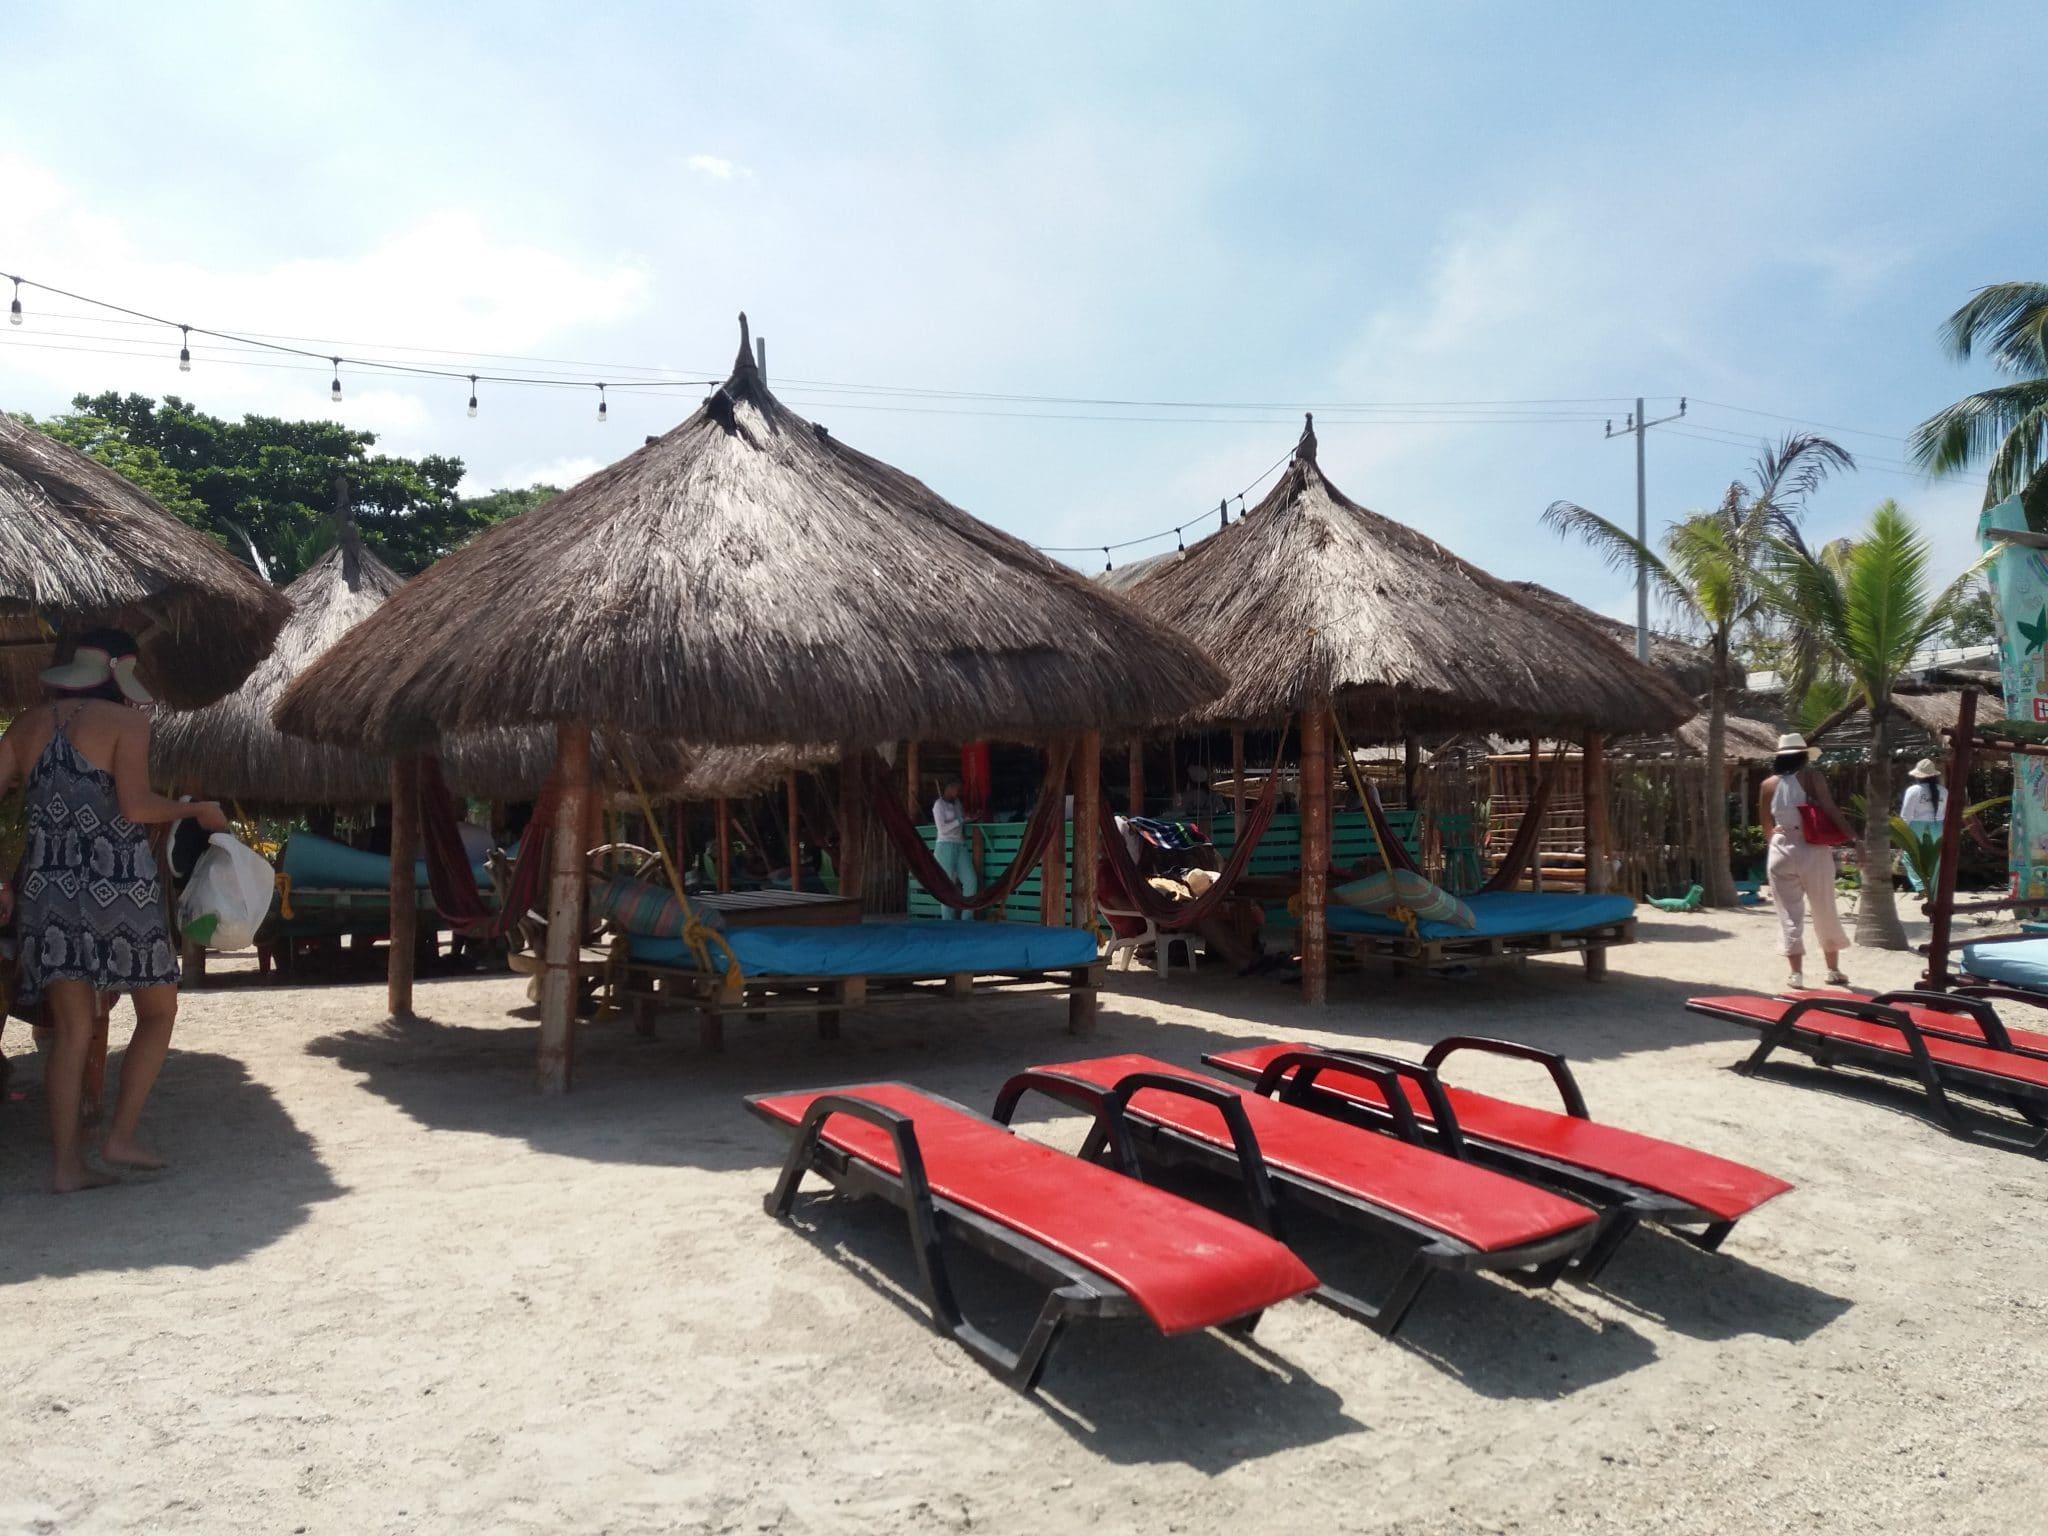 Bomba Beach Club – Great Beach Day Trip from Cartagena